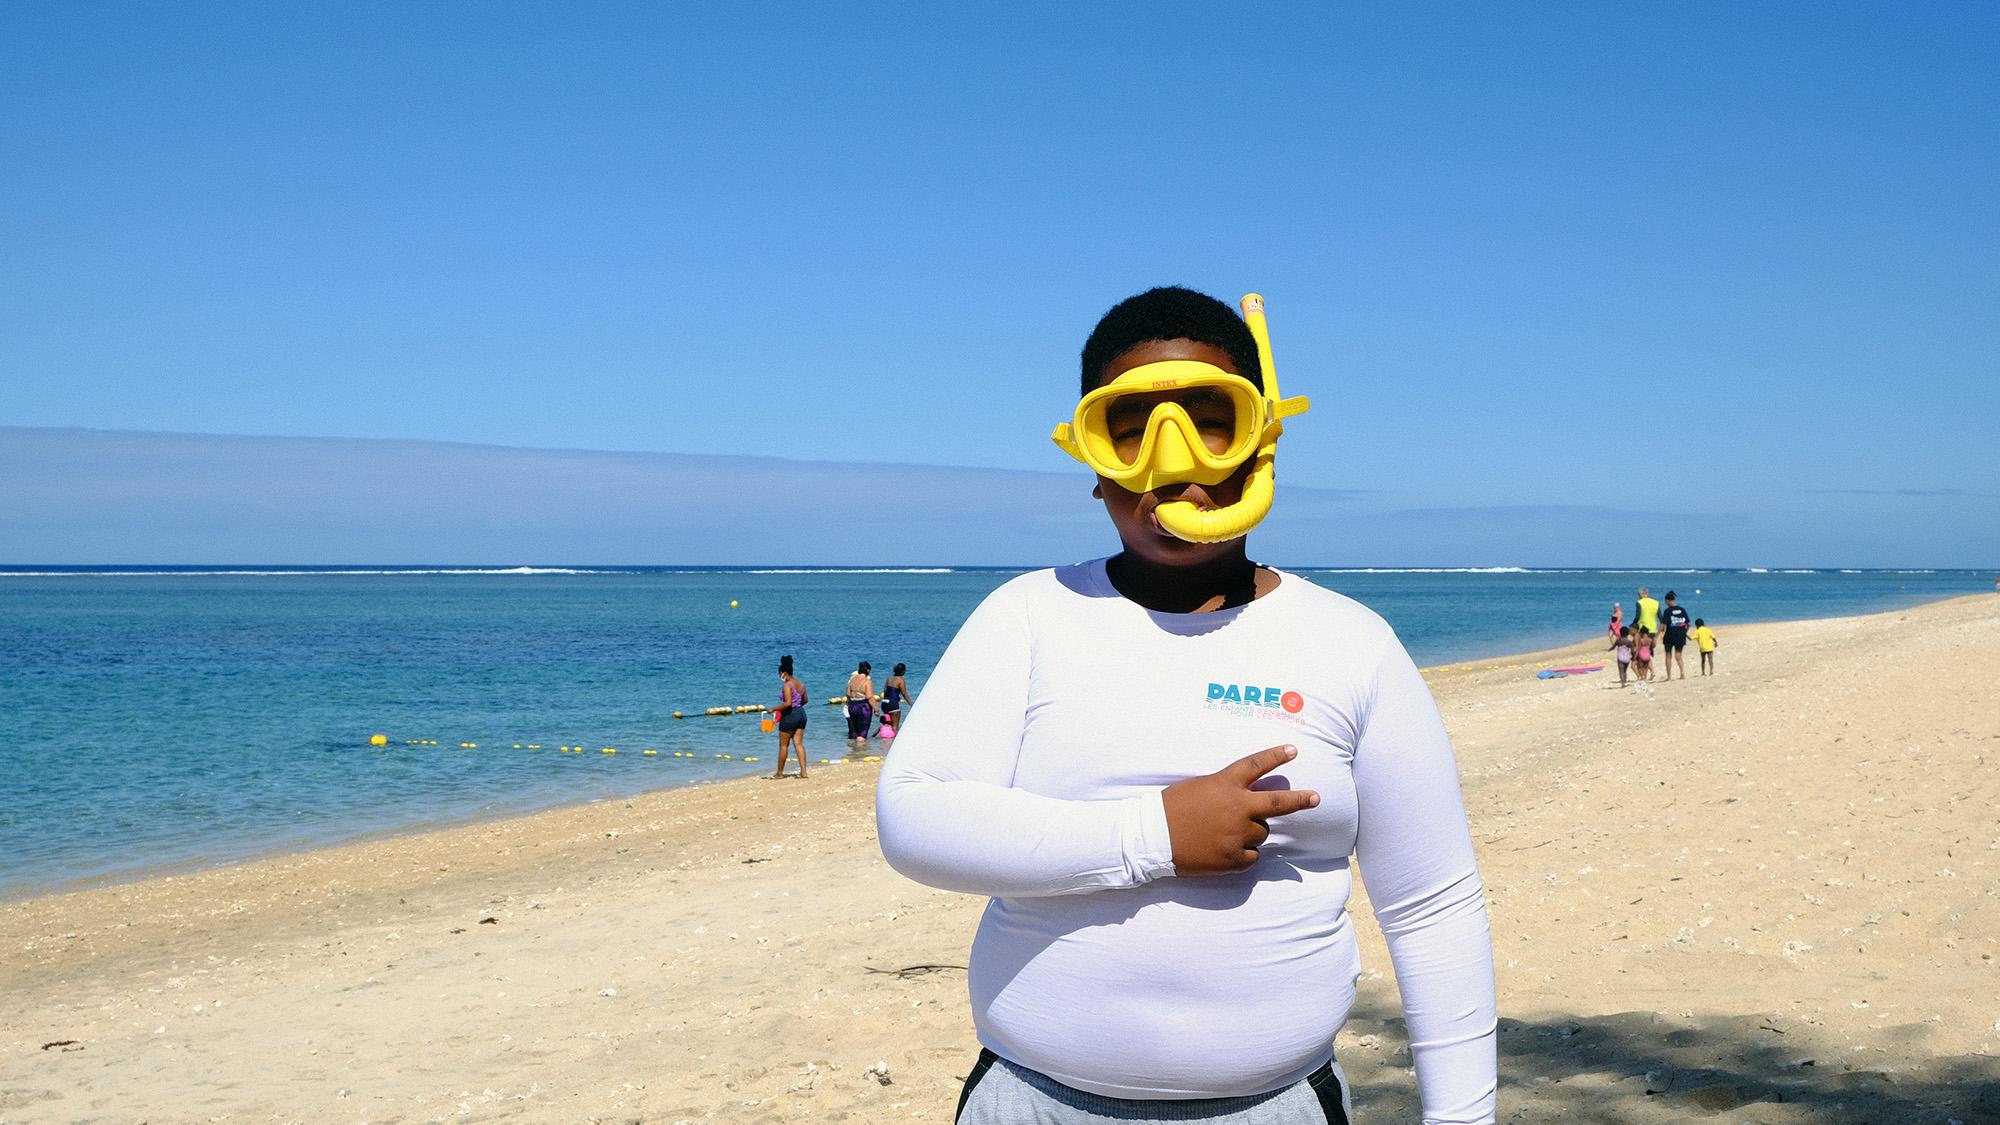 Le projet PAREO a été l'occasion d'emmener les enfants re-découvrir le récif corallien avec en palme/masque et tuba.